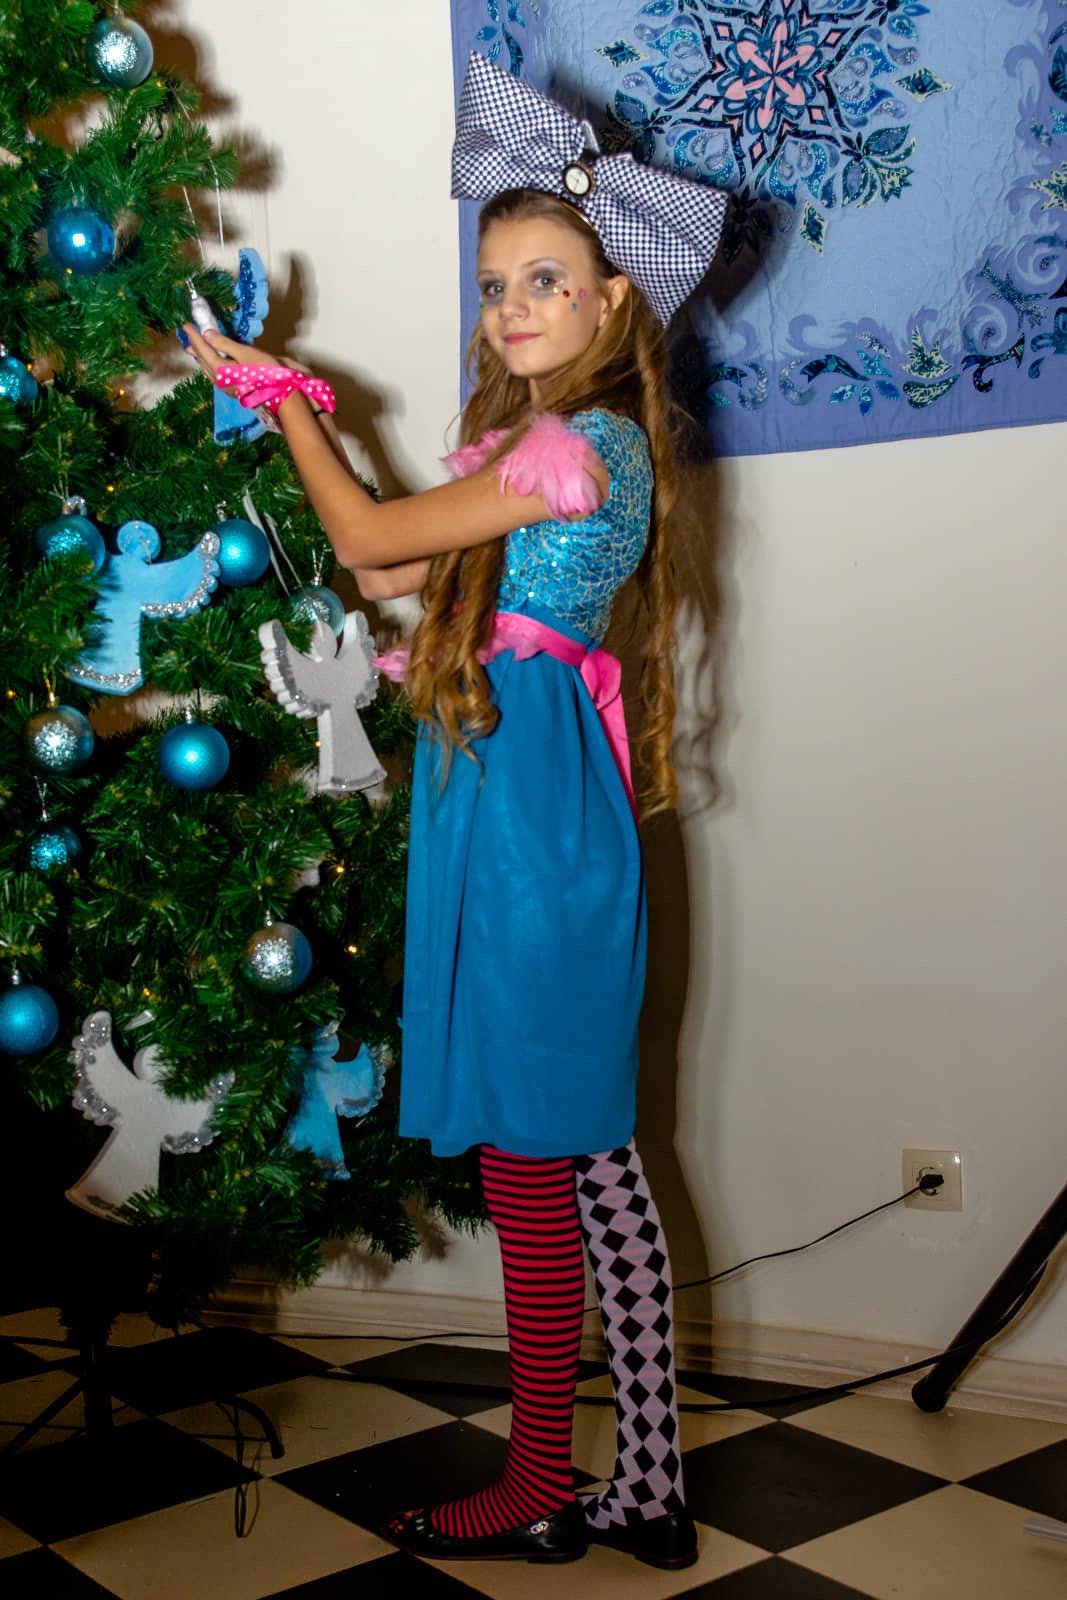 Юная дружковчанка представила собственную коллекцию одежды в резиденции Святого Николая (ФОТО), фото-8